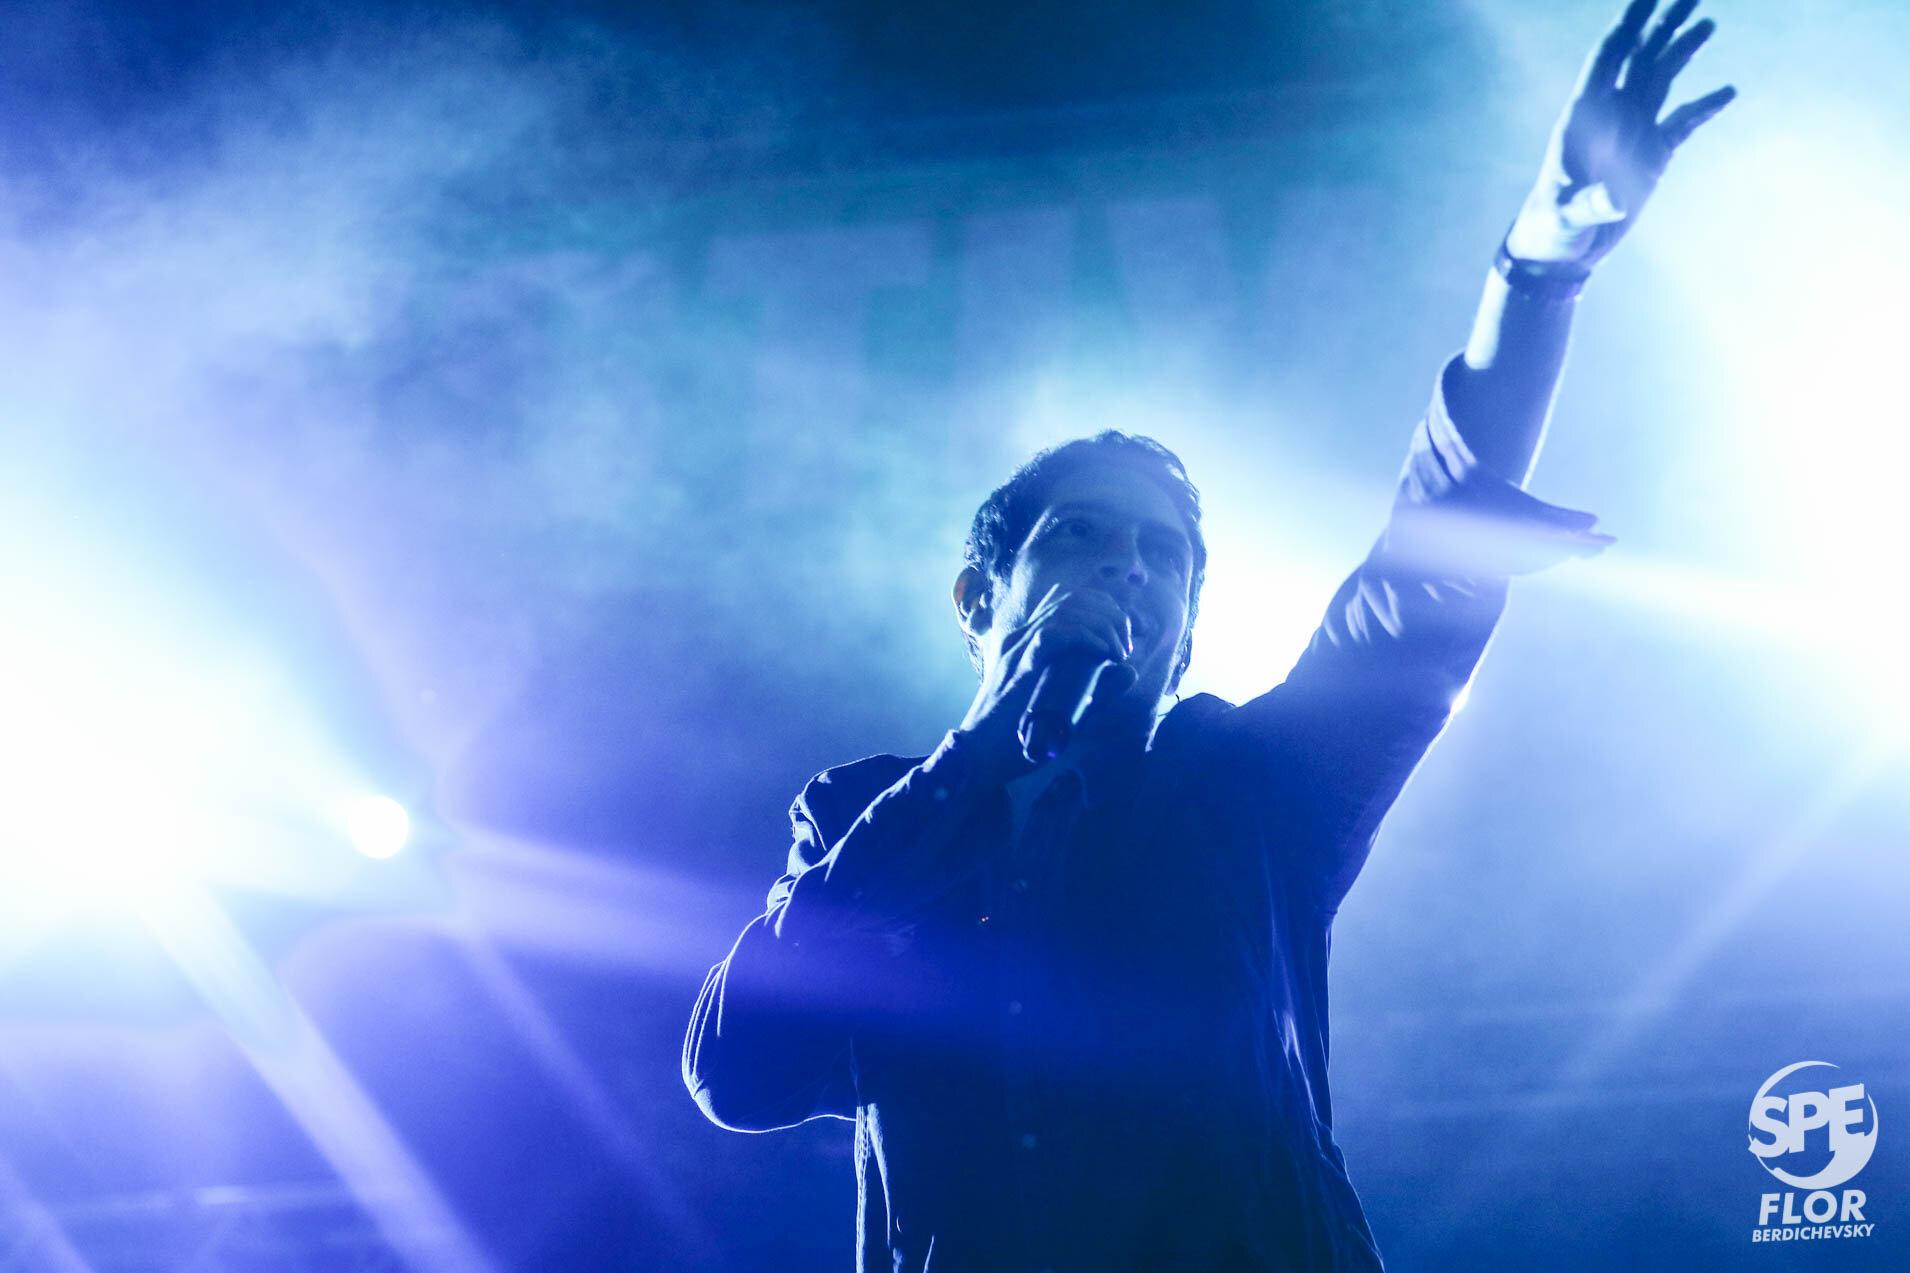 La banda El Kuelgue participa del Festival Futurock en el estadio Malvinas Argentinas, el 28 de Septiembre de 2019. El festival estuvo organizado por la radio Futurock. Foto de: Florencia Berdichevsky